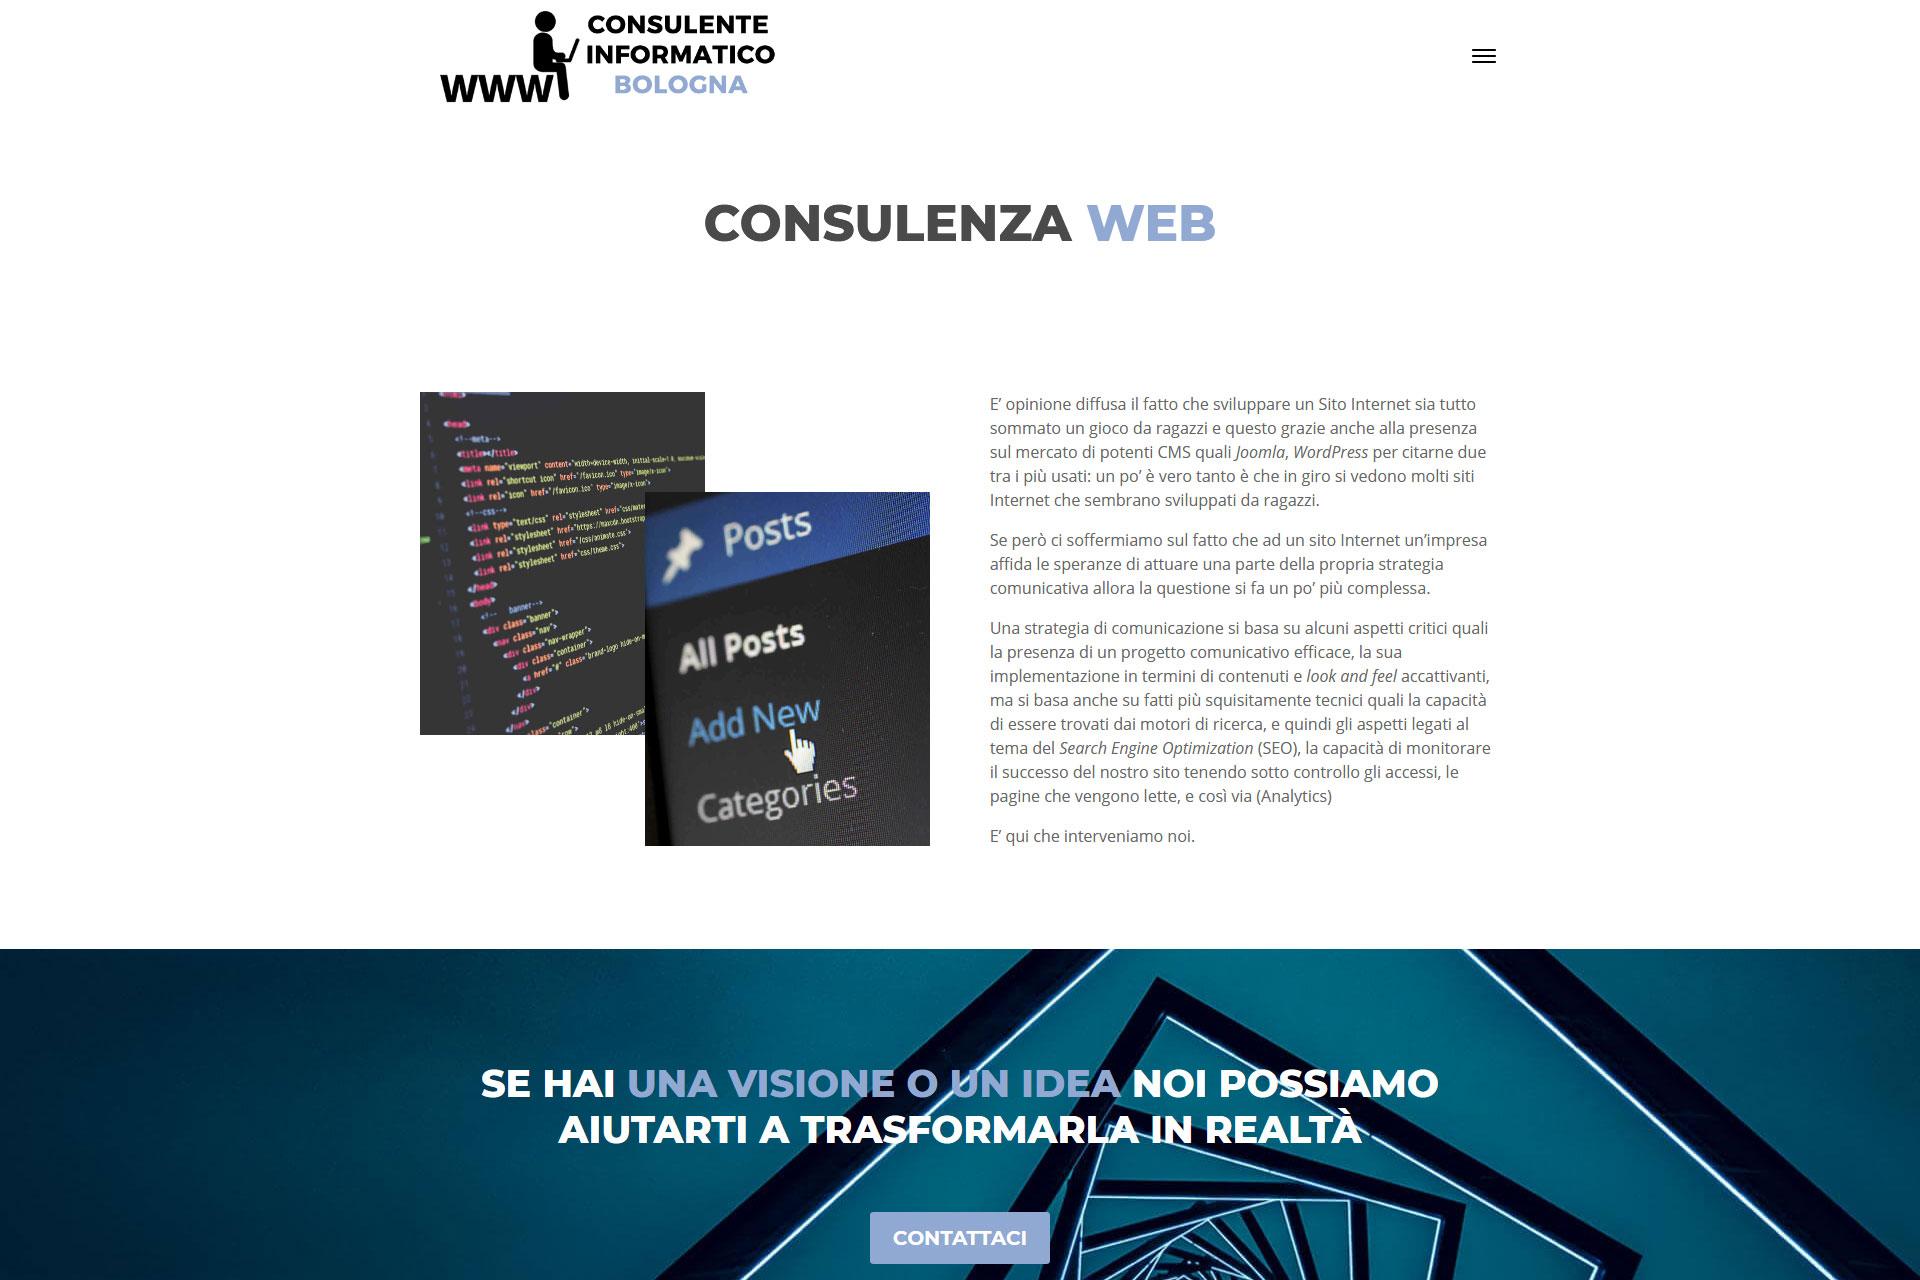 lv-design-realizzazione-siti-web-bologna-portfolio-consulente-informatico-bologna-slide-3